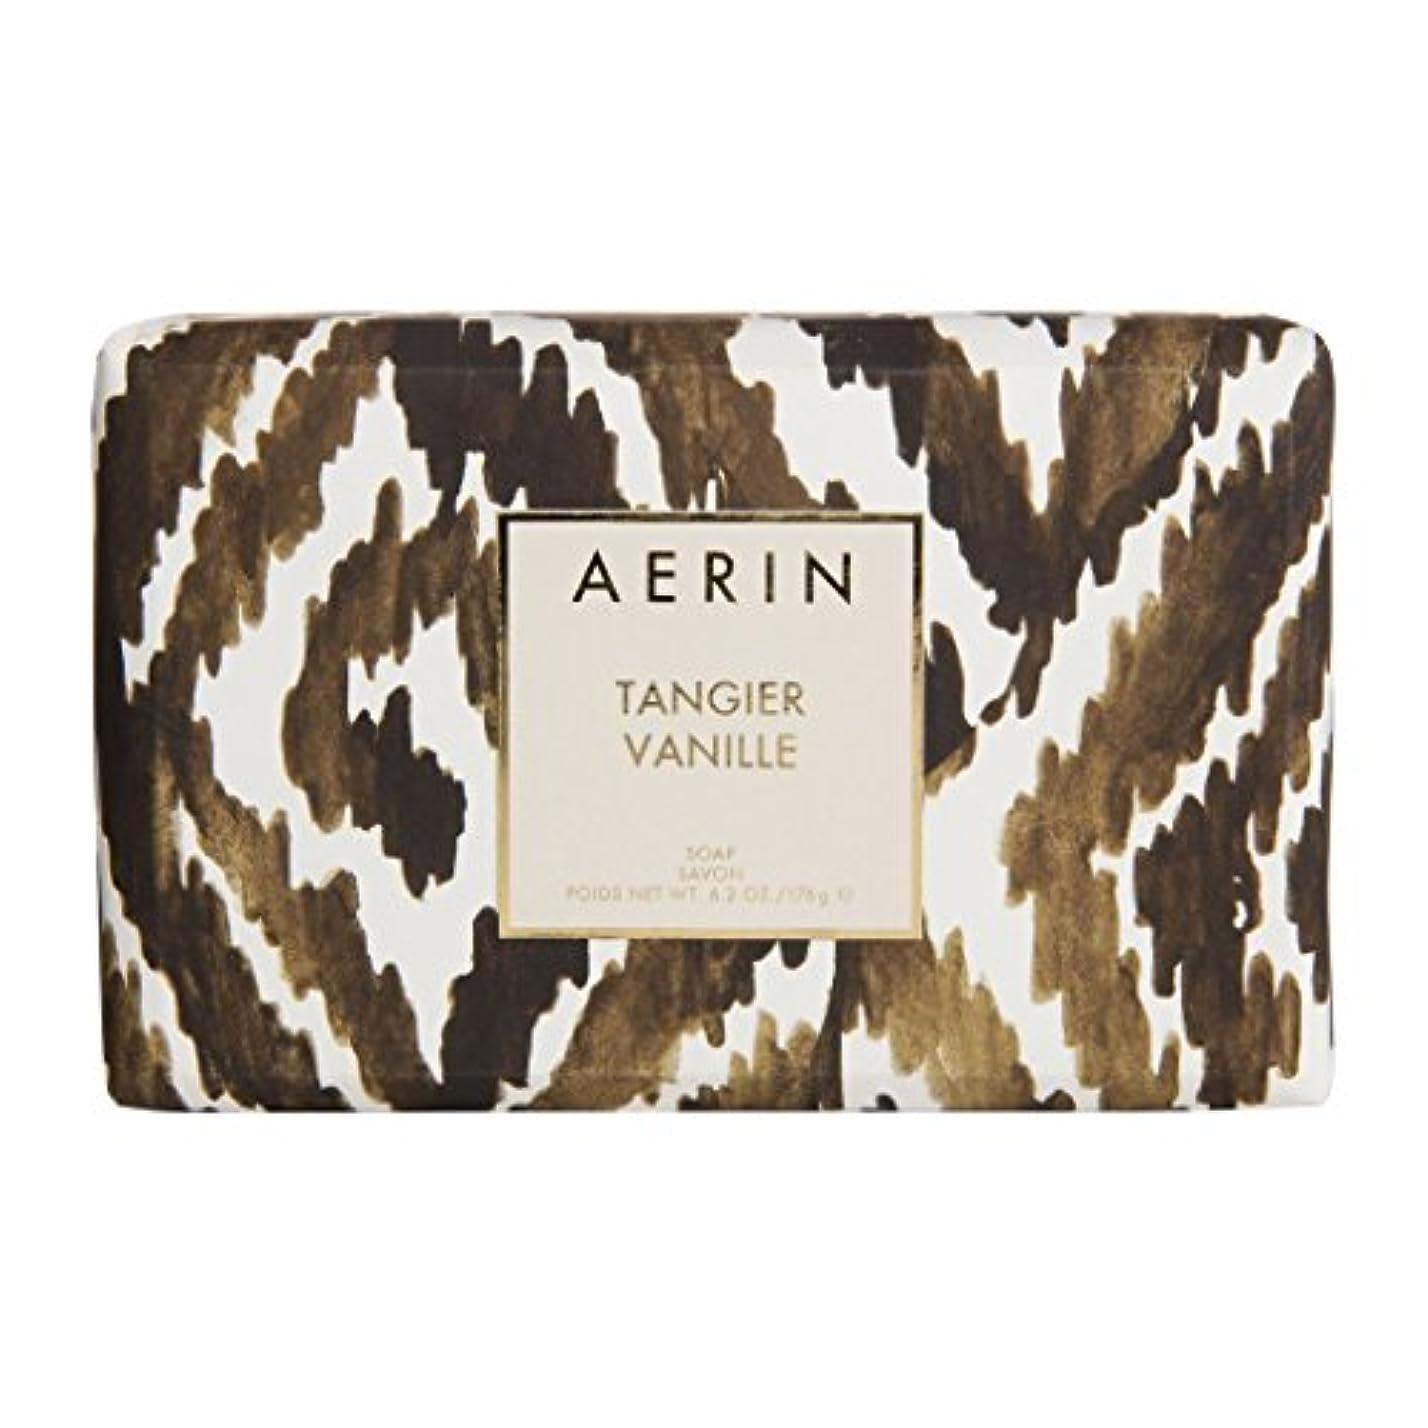 保持する長老アナリストAERIN Tangier Vanille (アエリン タンジヤー バニール) 6.2 oz (186ml) Soap 固形石鹸 by Estee Lauder for Women